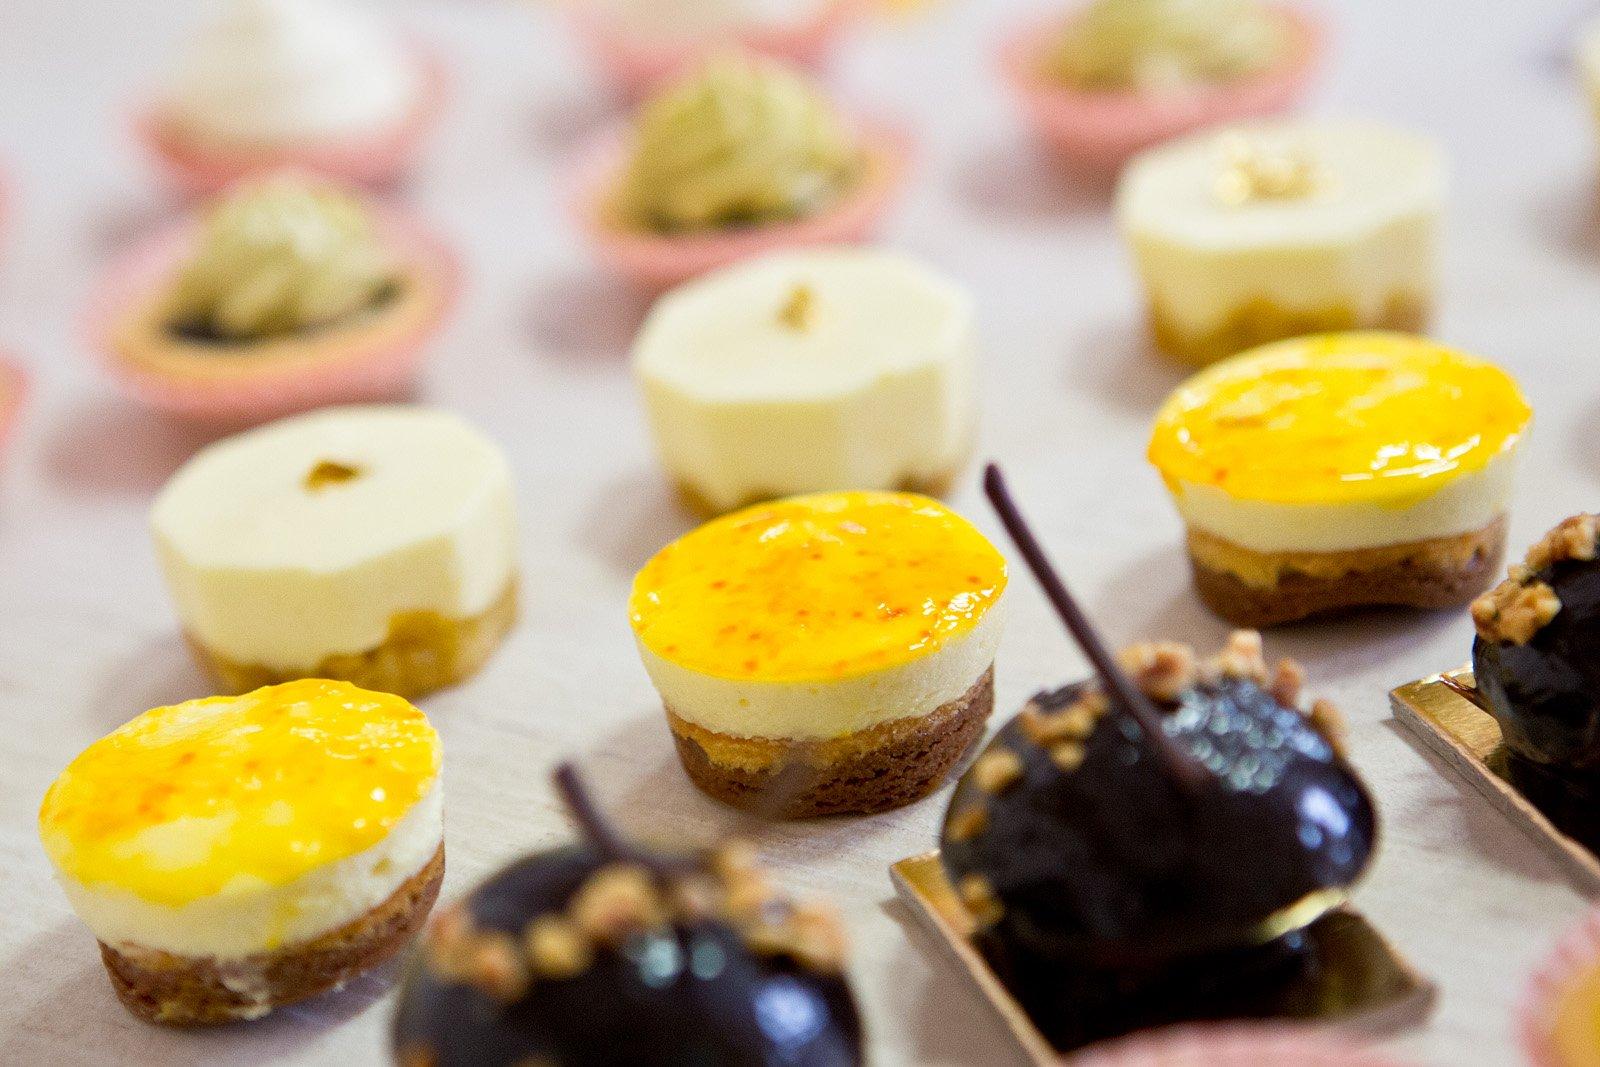 Alma scuola cucina on twitter come resistere alla dolcezza di almaschool vieni all 39 open day - Alma scuola cucina ...